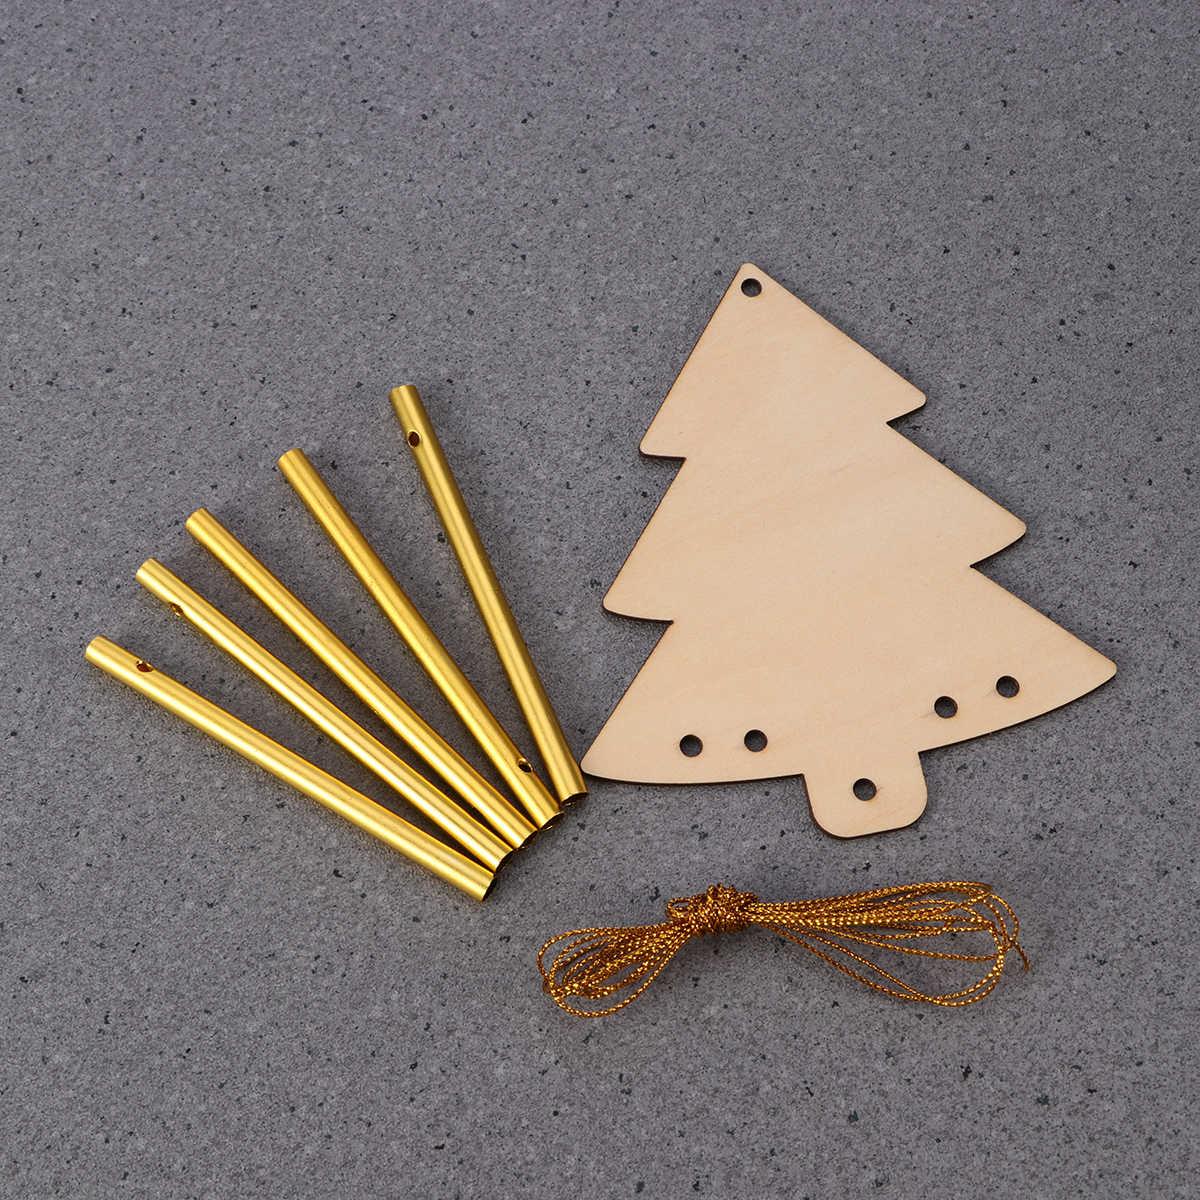 Рождественские украшения успокаивающие мелодичные тона колокольчики 5 полые металлические трубы Дерево DIY Windchime Сад Свадьба День Рождения Вечеринка